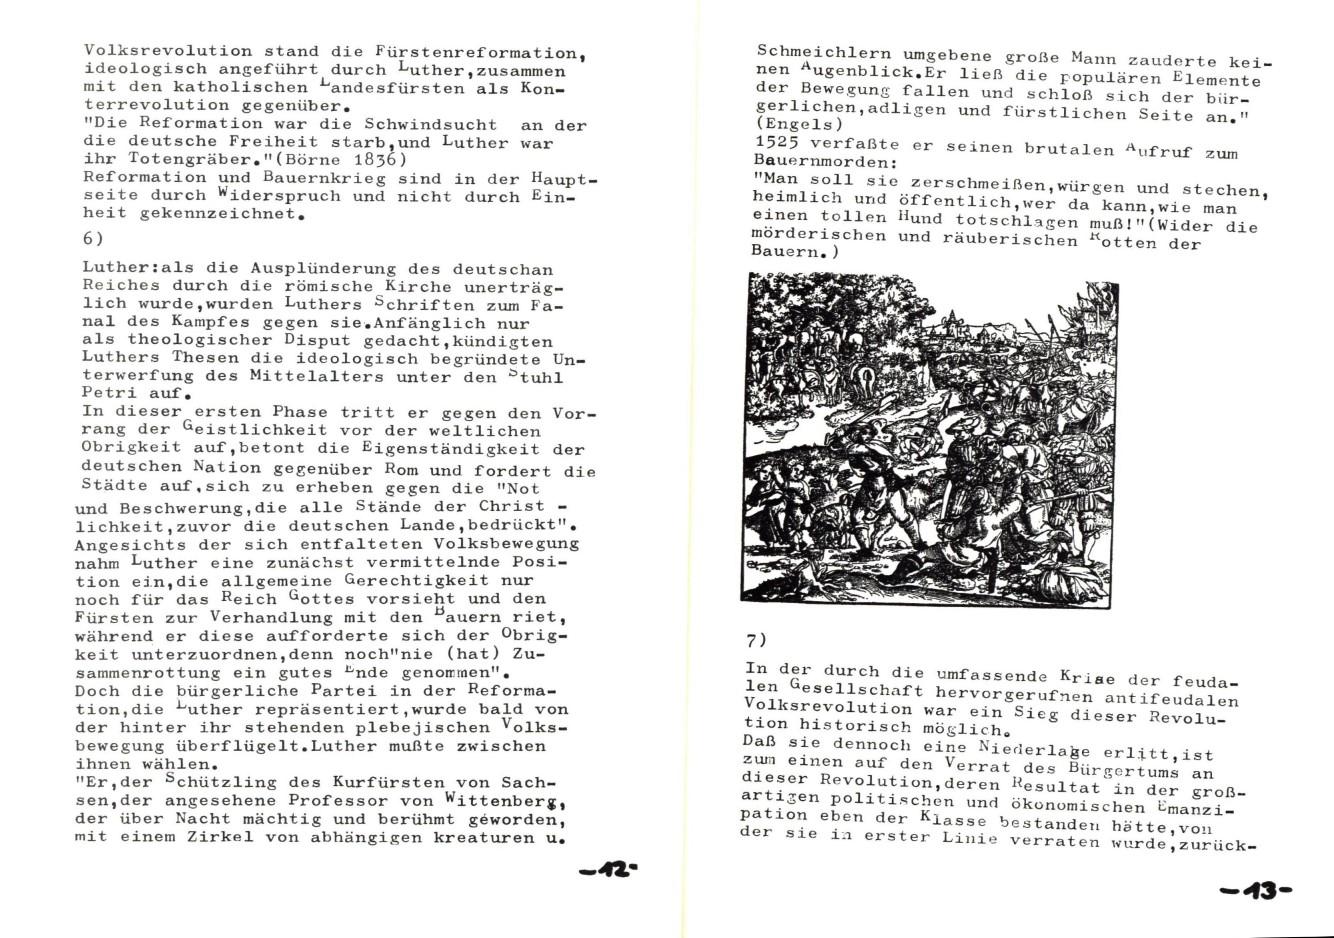 Berlin_KSV_1976_Wochenendseminare_Geschichte_01_08